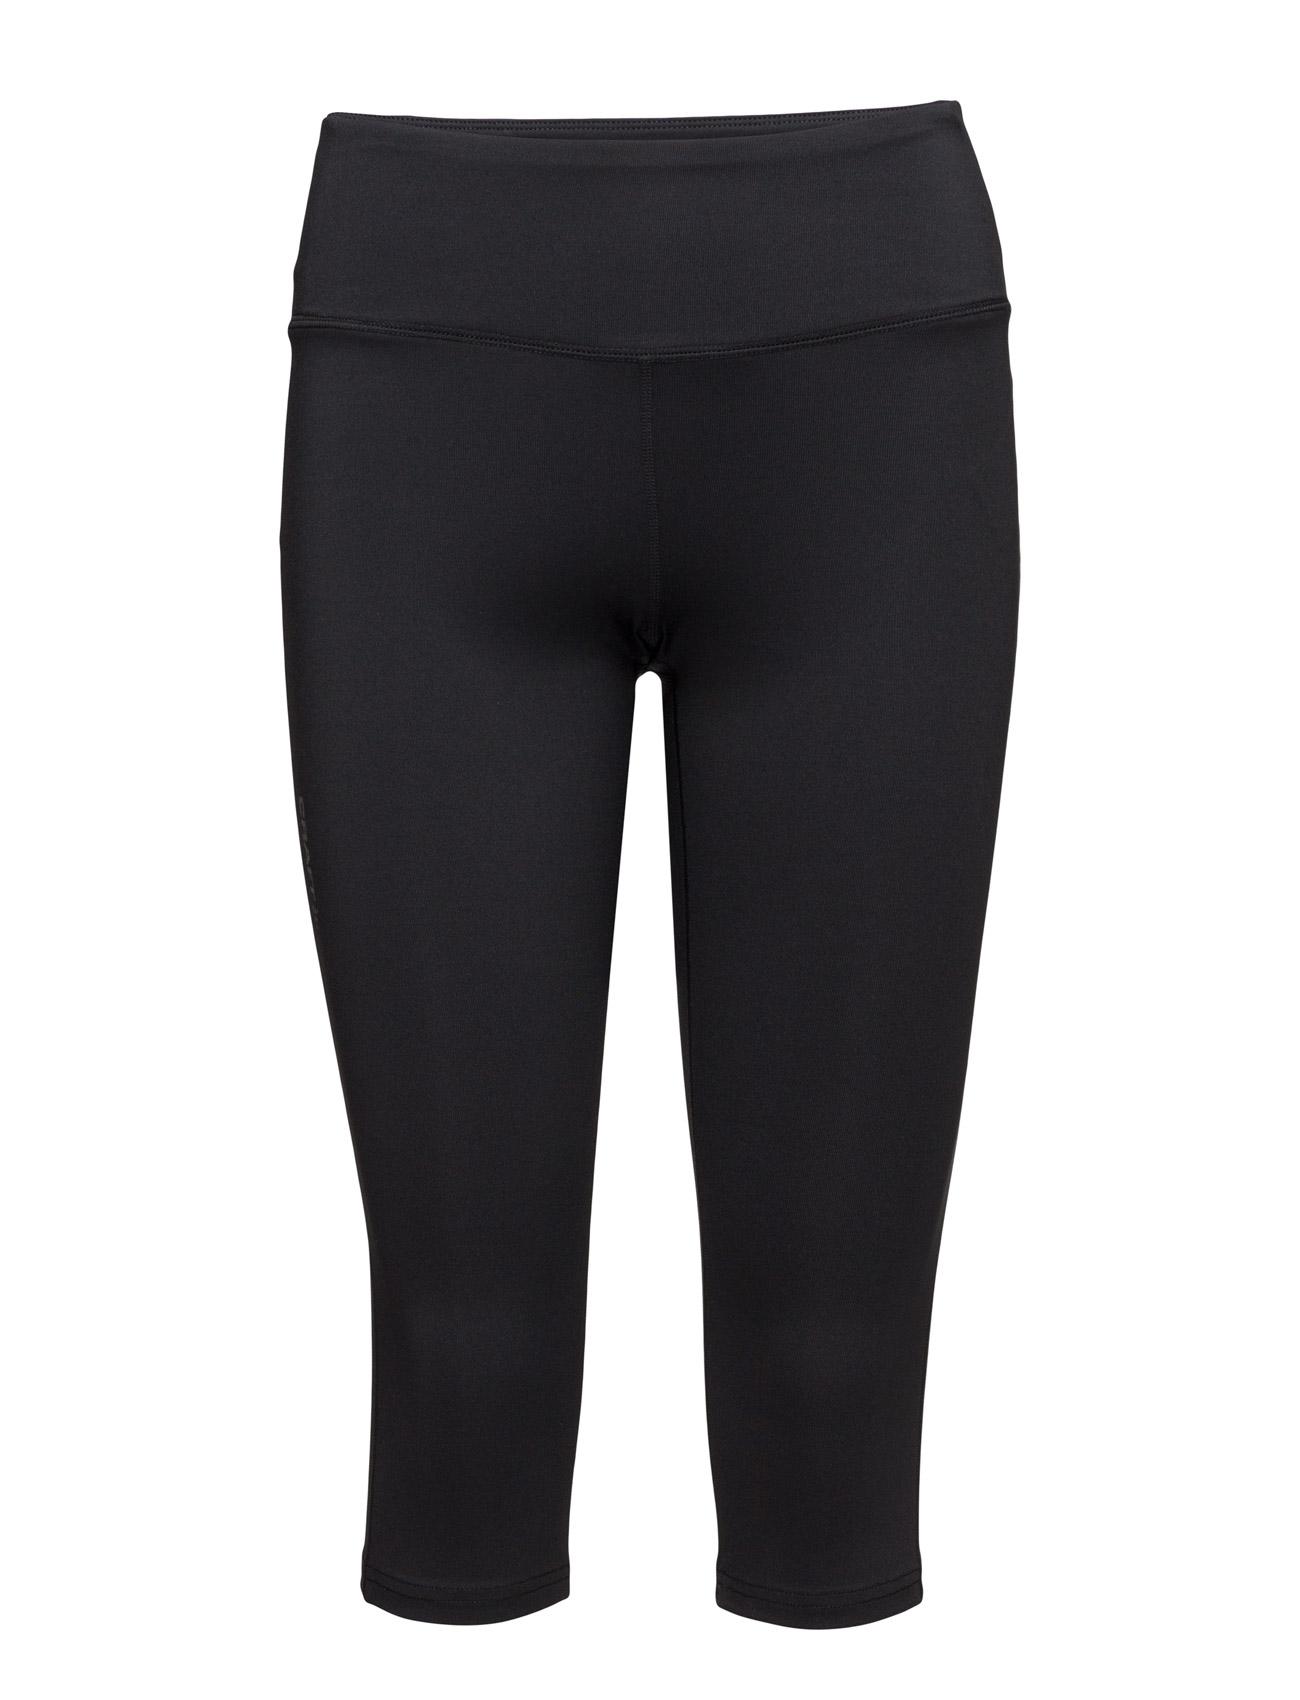 Habit Capri Craft Trænings leggings til Damer i Sort